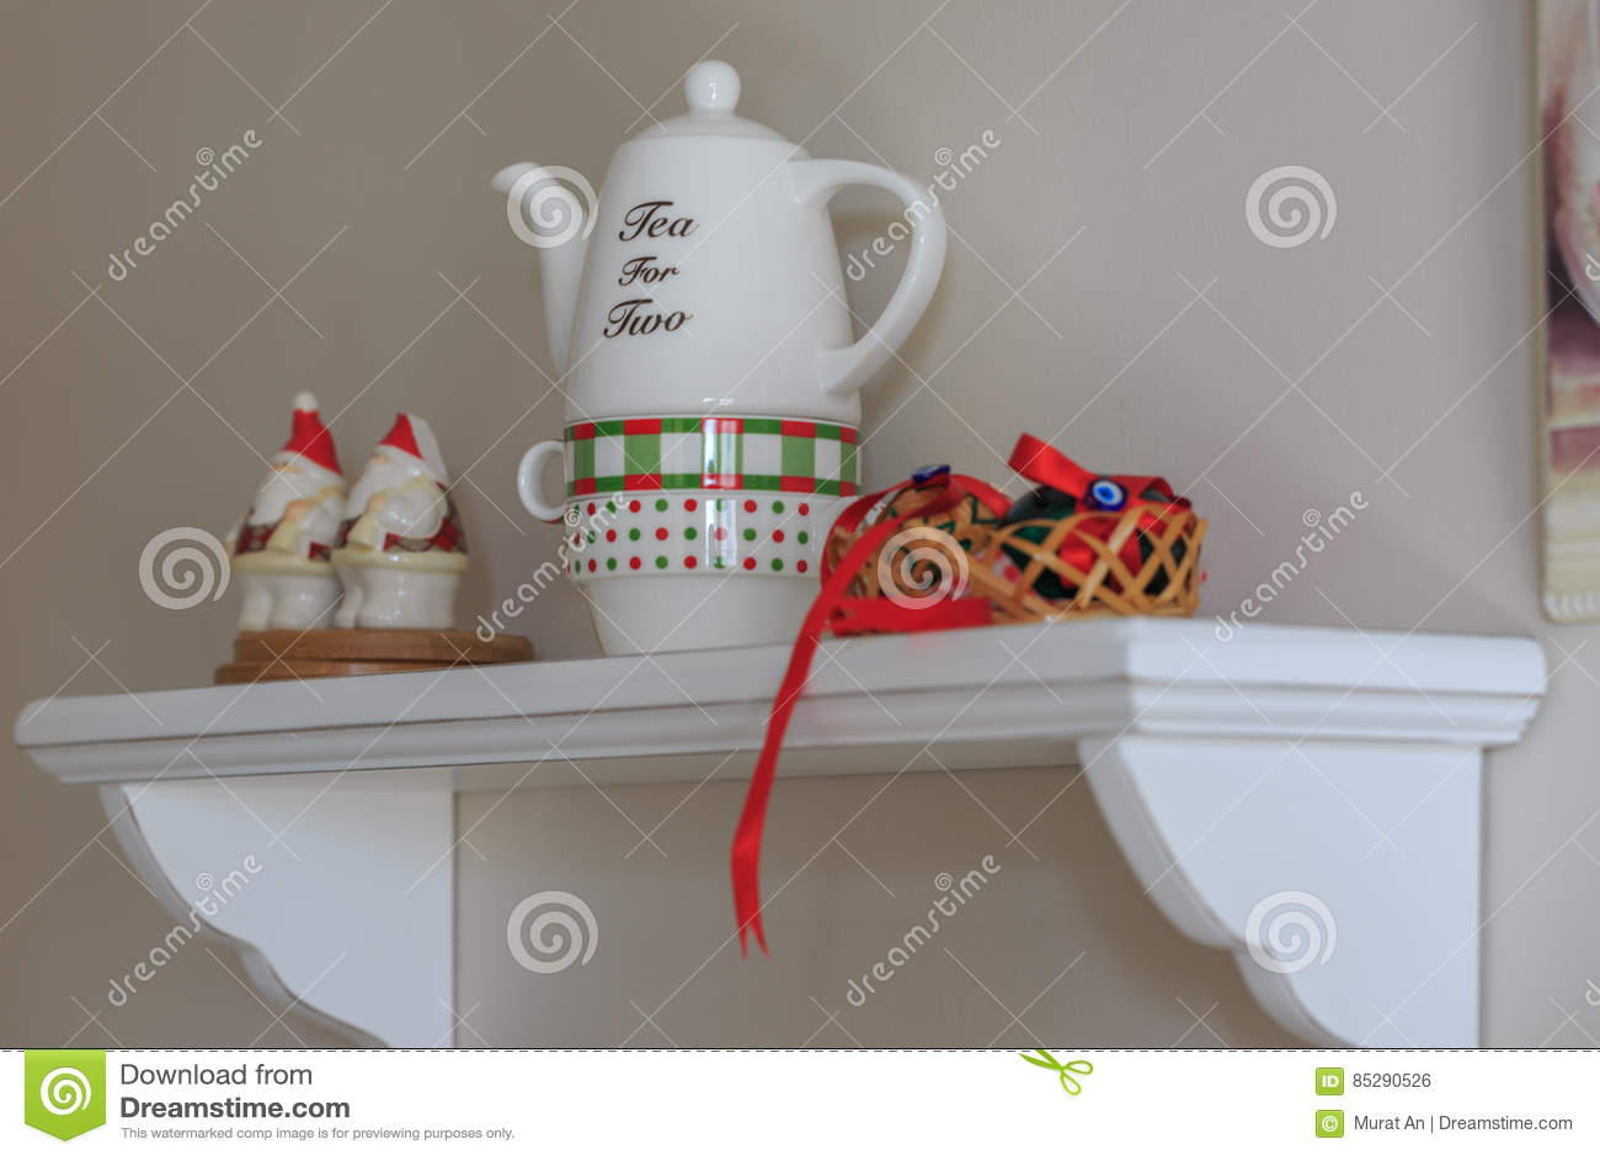 kitchen shelf decor ikea chairs 厨房架子装饰用鸡蛋和茶壶库存照片 图片包括有餐馆 国内 样式 方便 厨房架子装饰用鸡蛋和茶壶